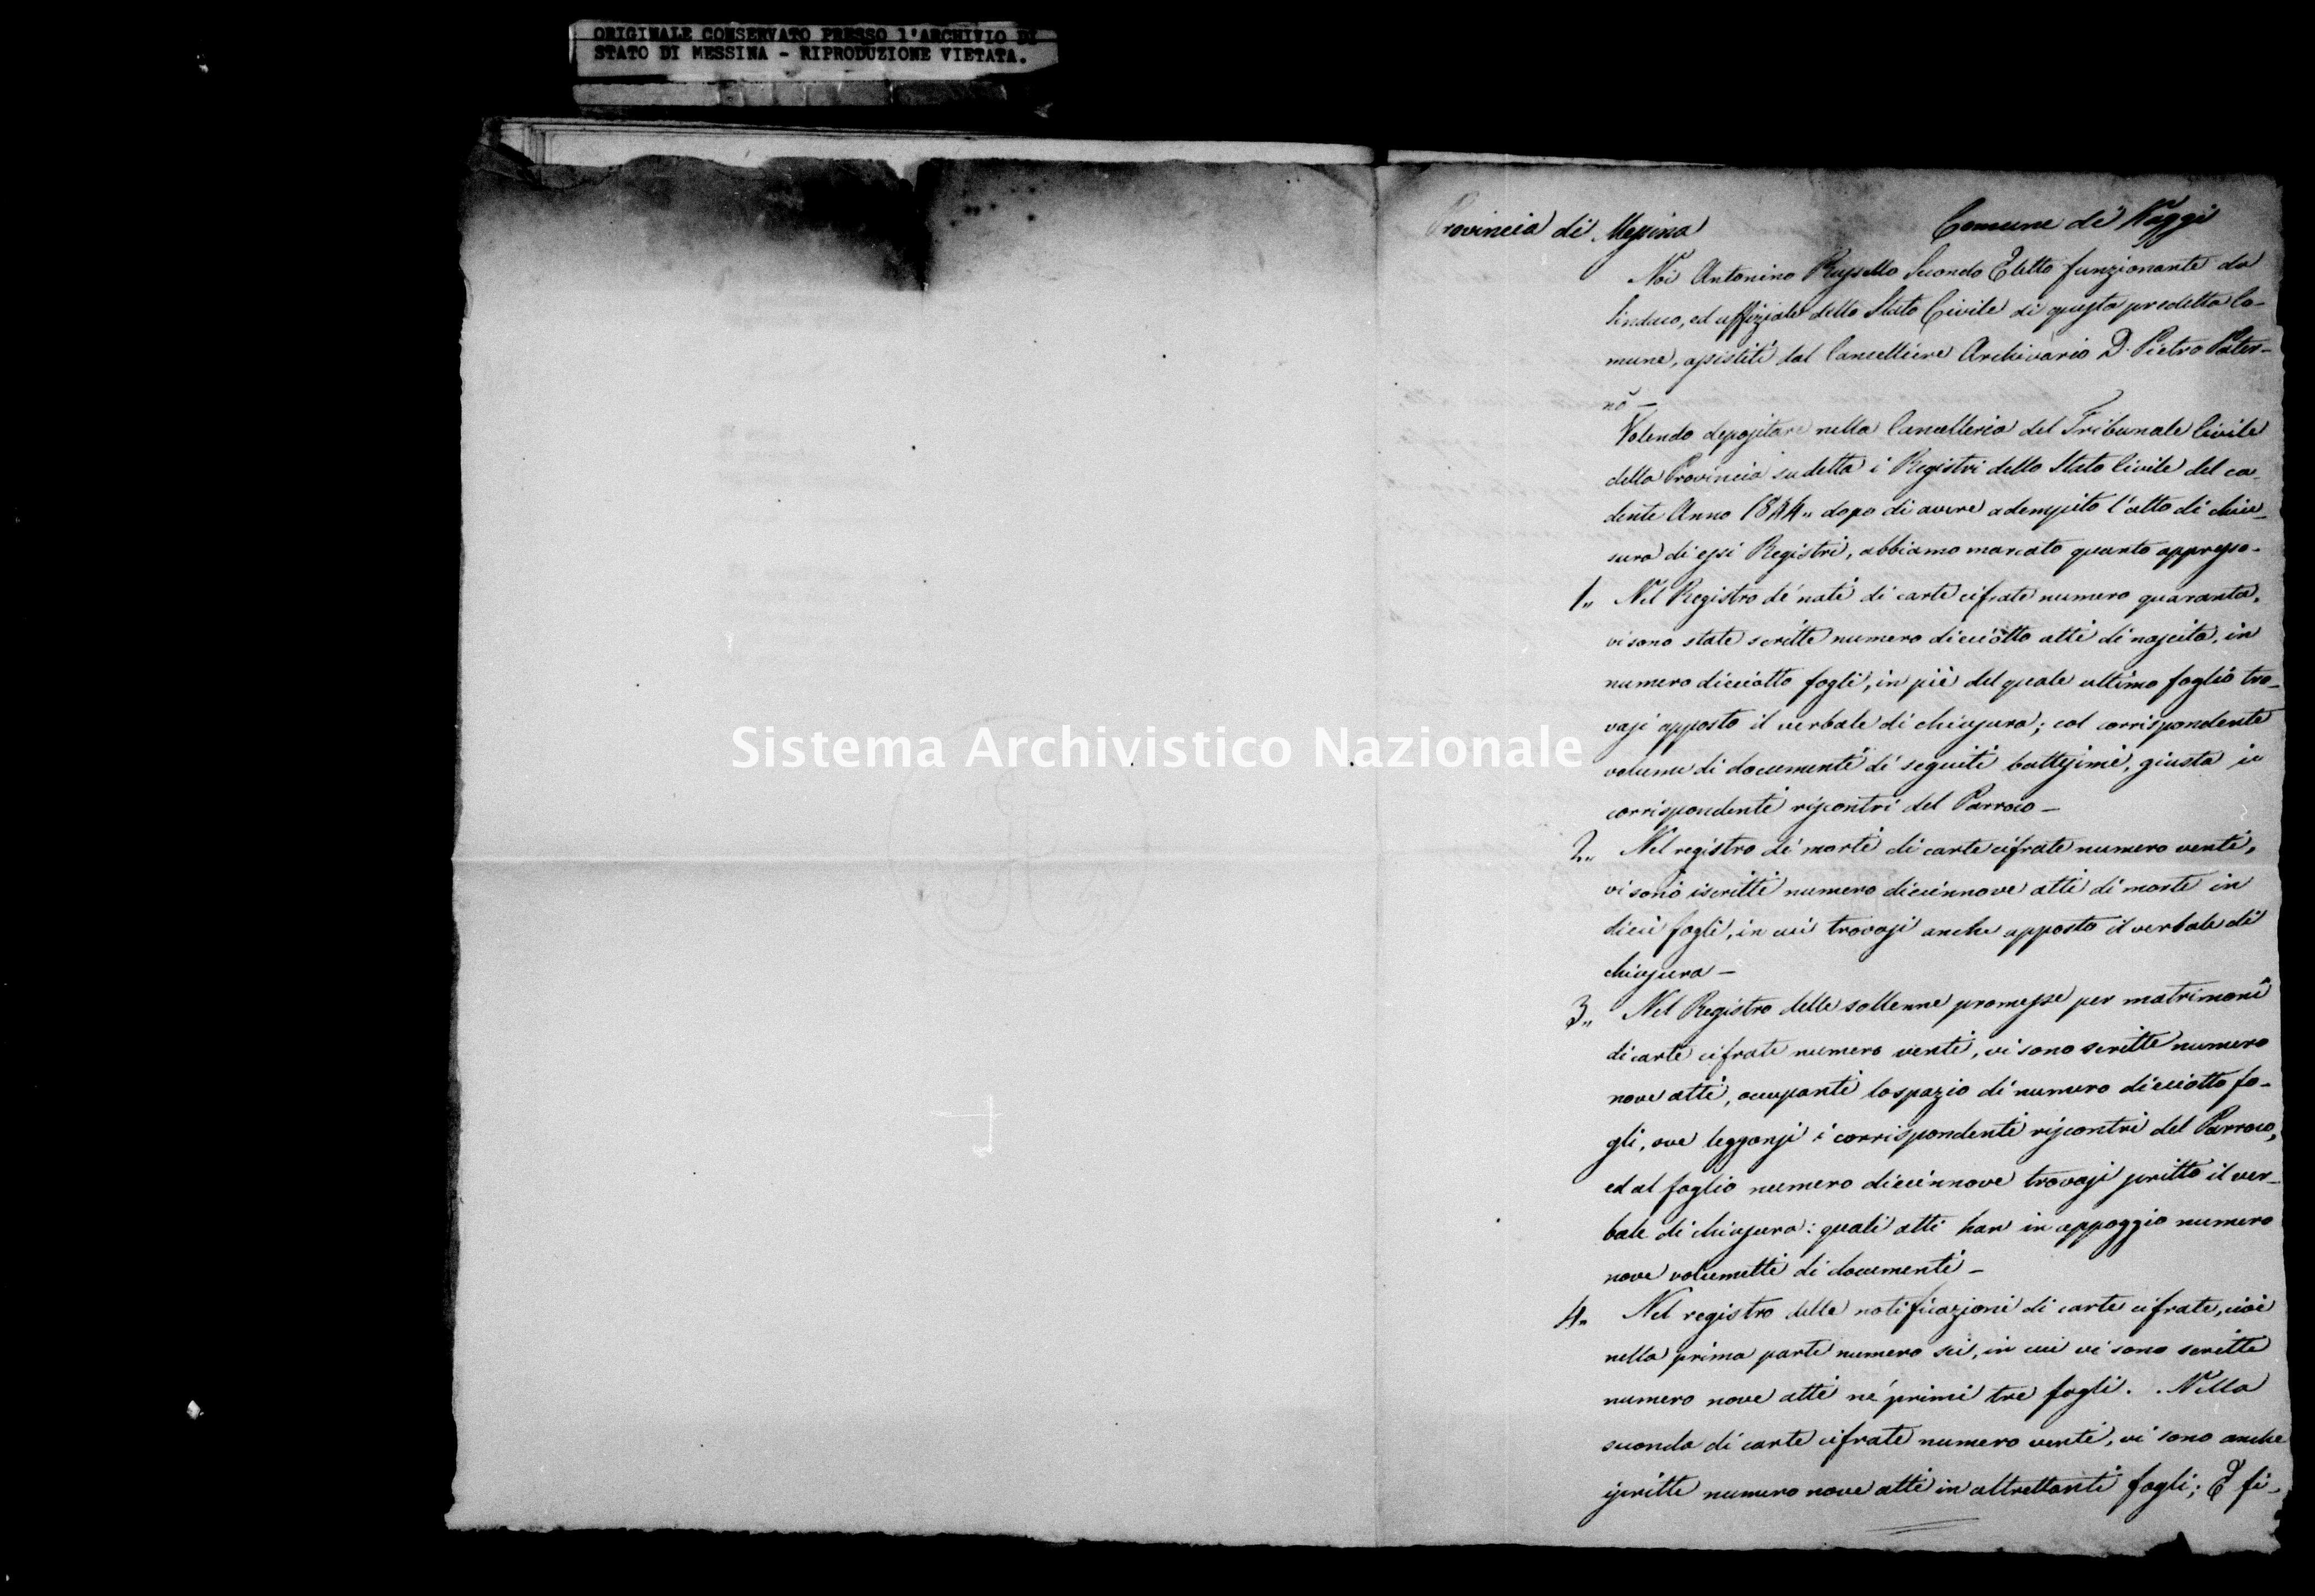 Archivio di stato di Messina - Stato civile della restaurazione - Kaggi - Inventario - 1844 - 434 -